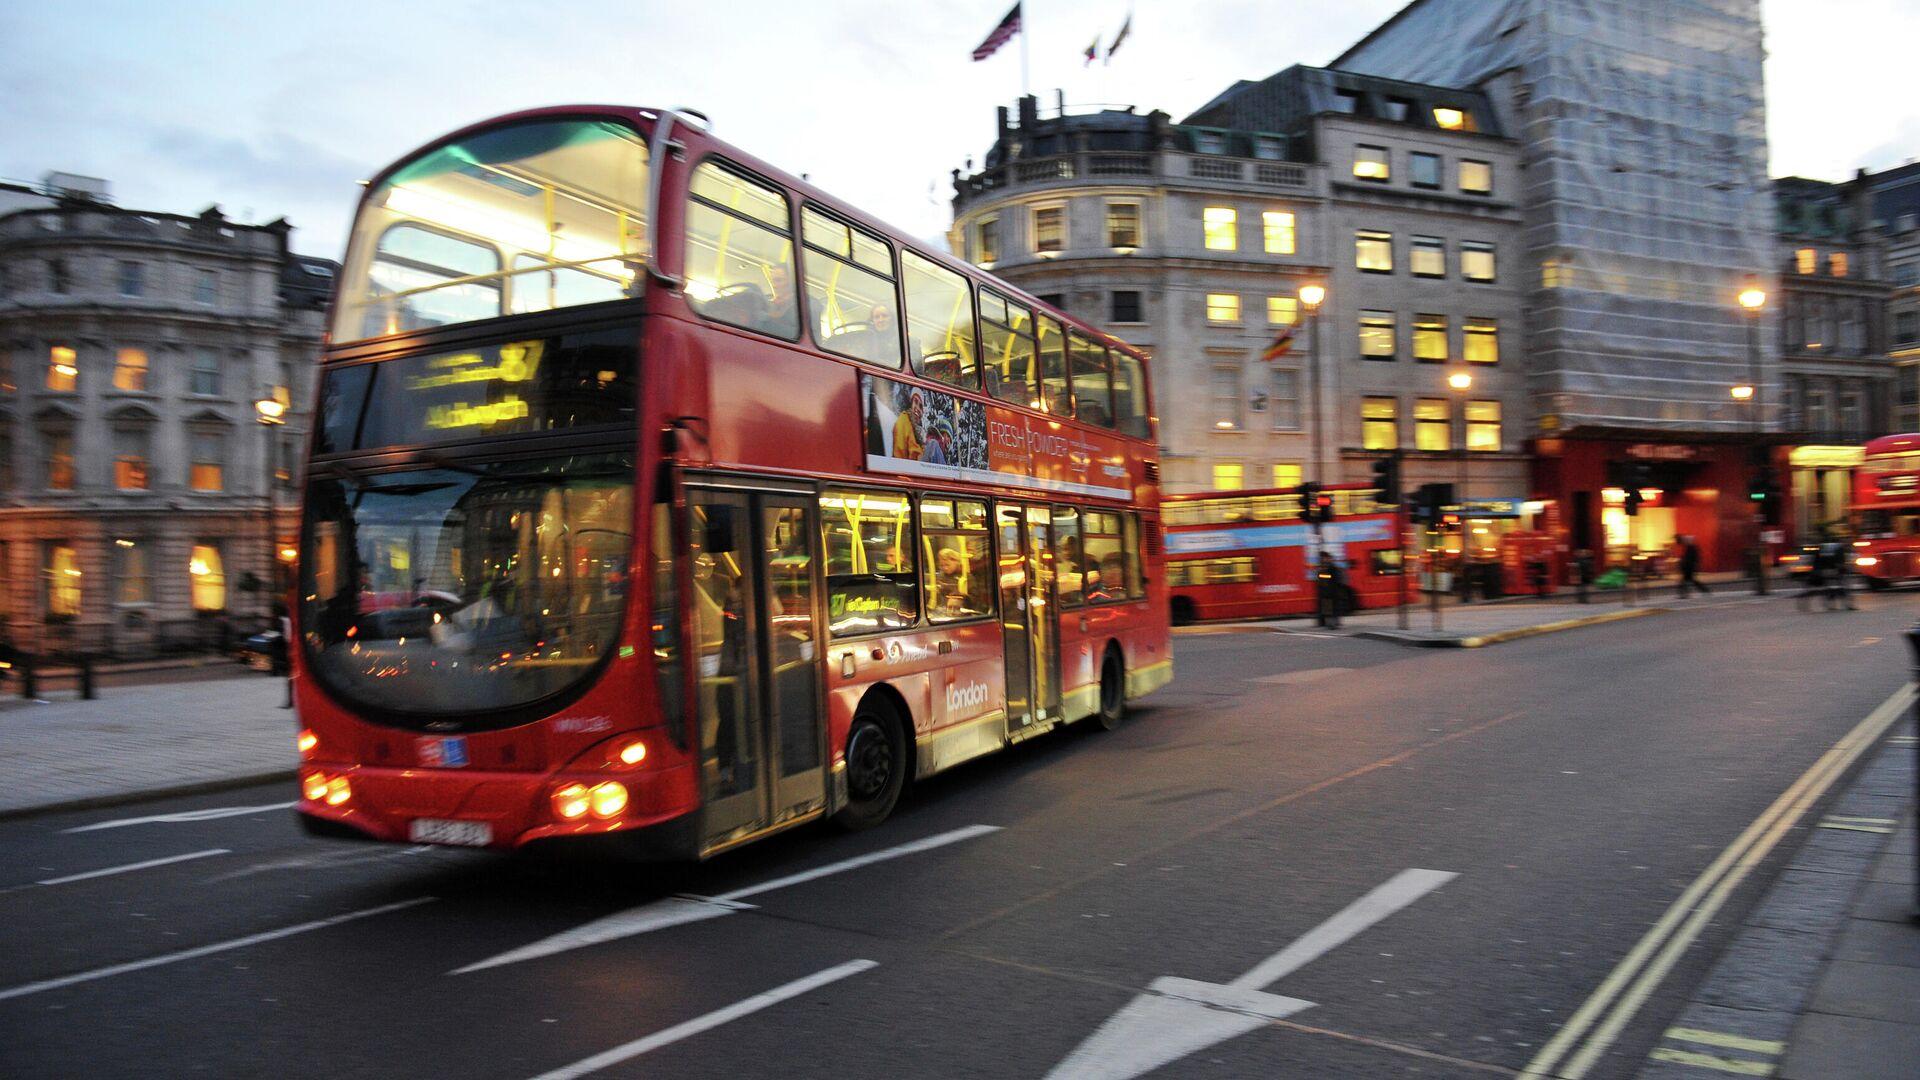 Двухъярусный автобус на Трафальгарской площади в Лондоне - РИА Новости, 1920, 24.11.2020